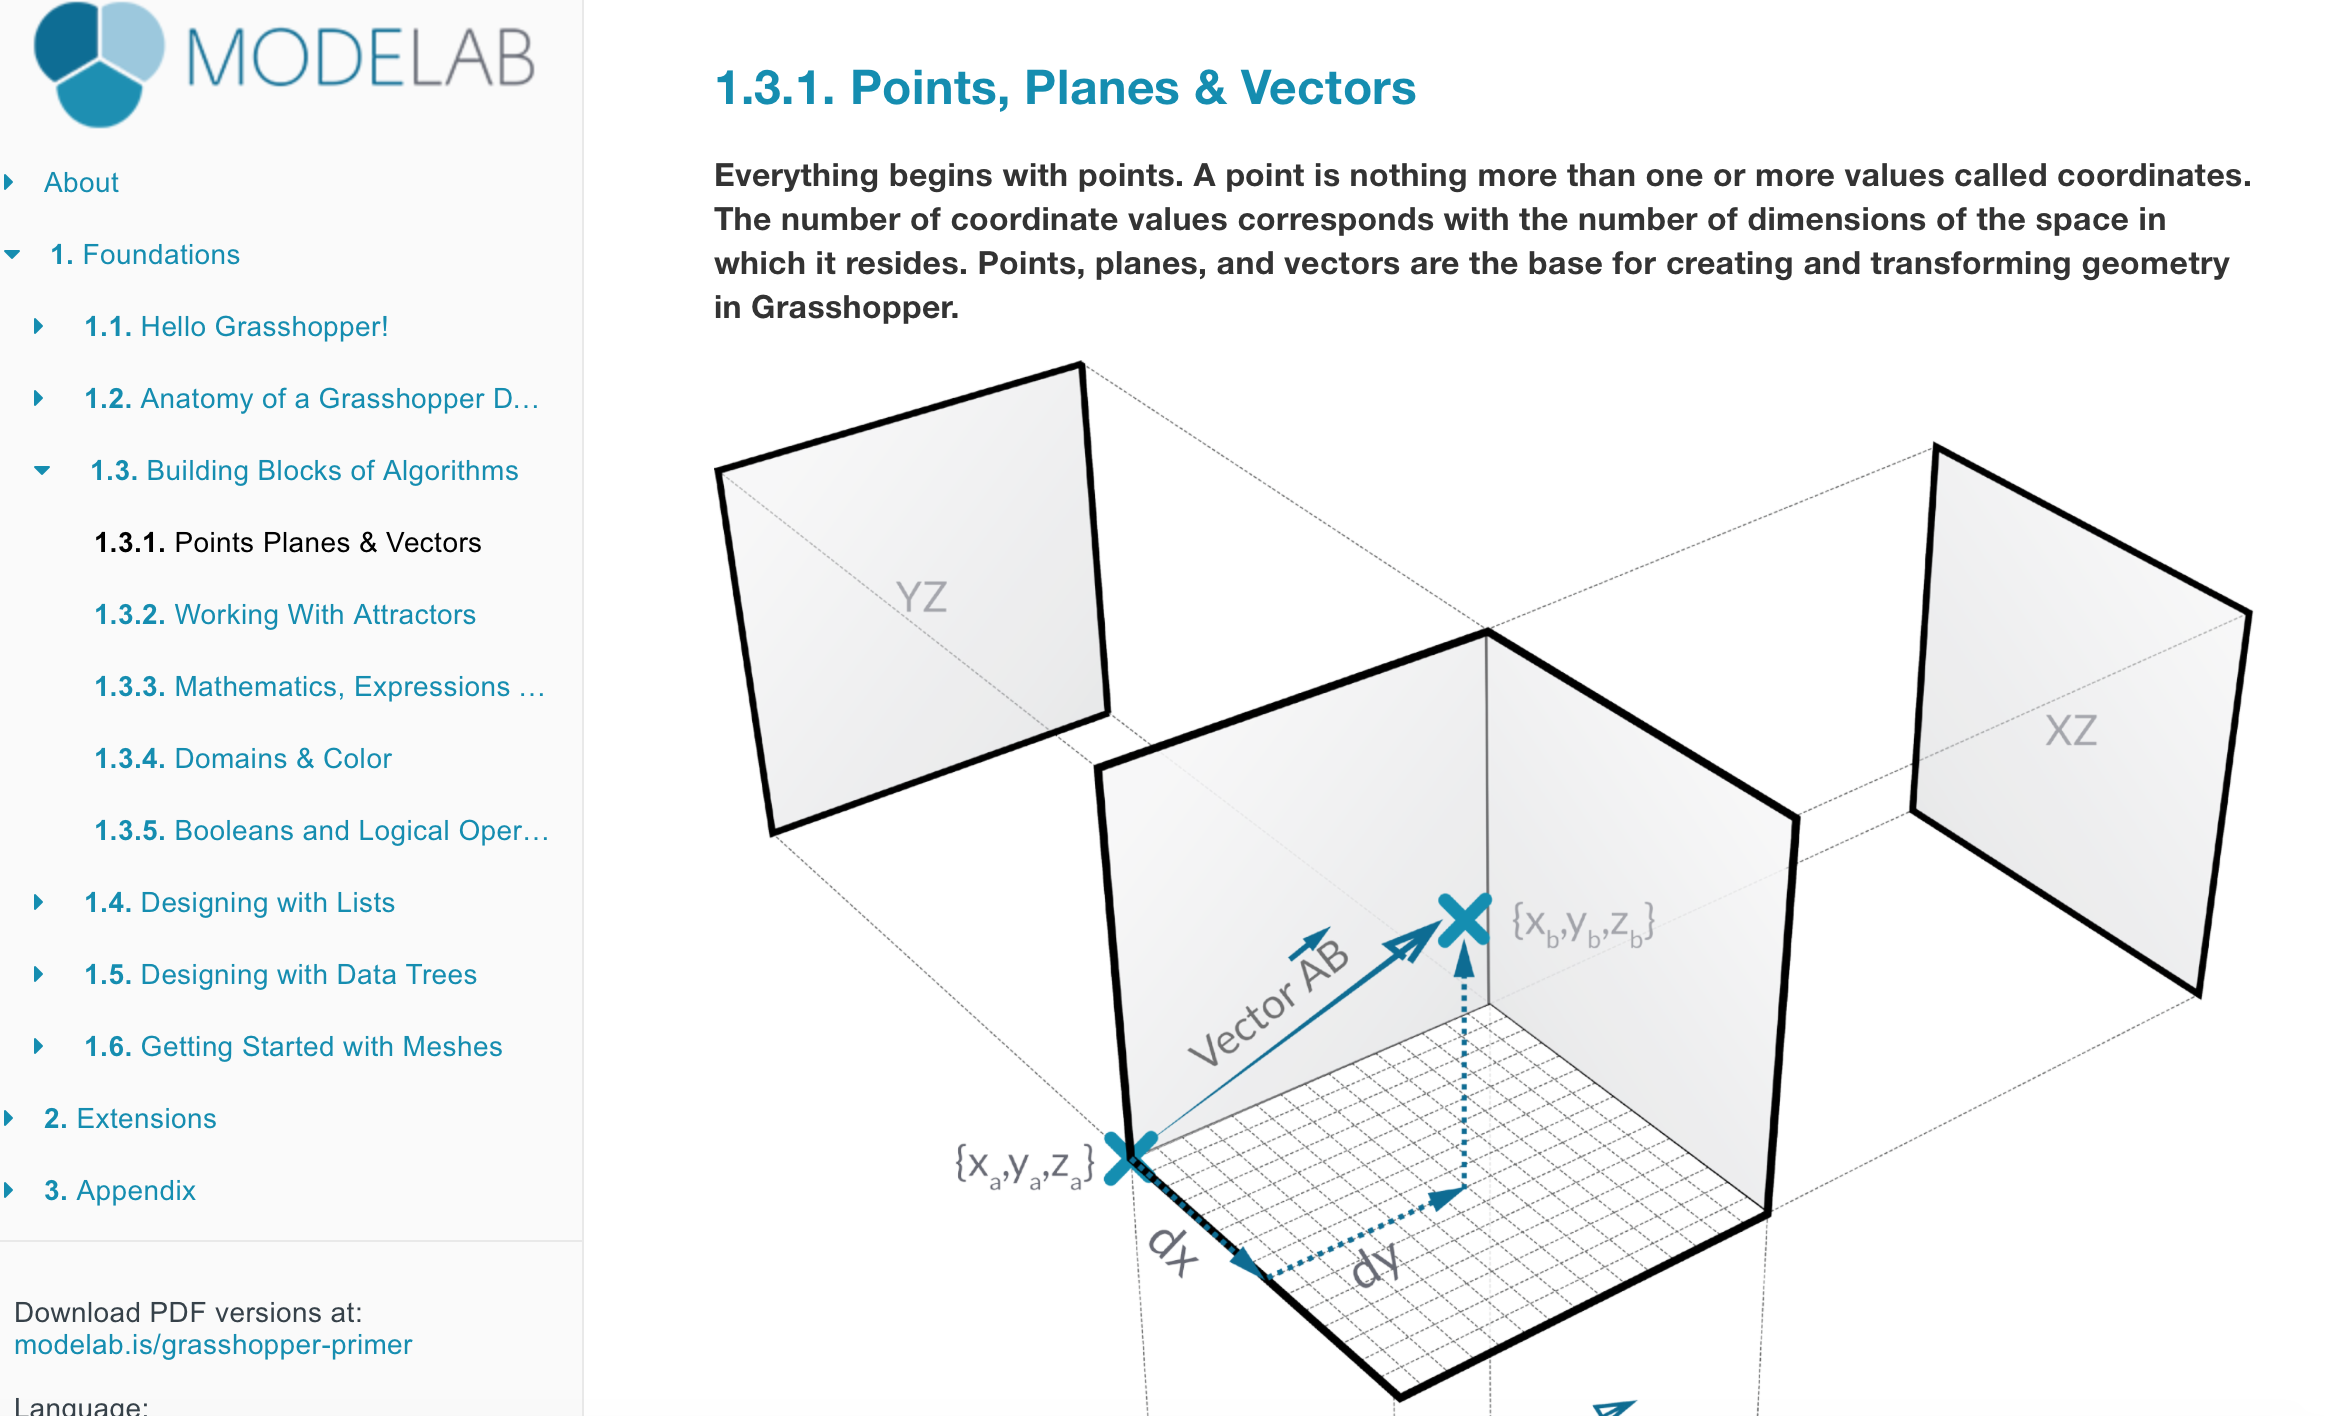 Grasshopper Duplicate On The Splinethe Prime 13 14 Wiring Diagram Pratt Parametrics